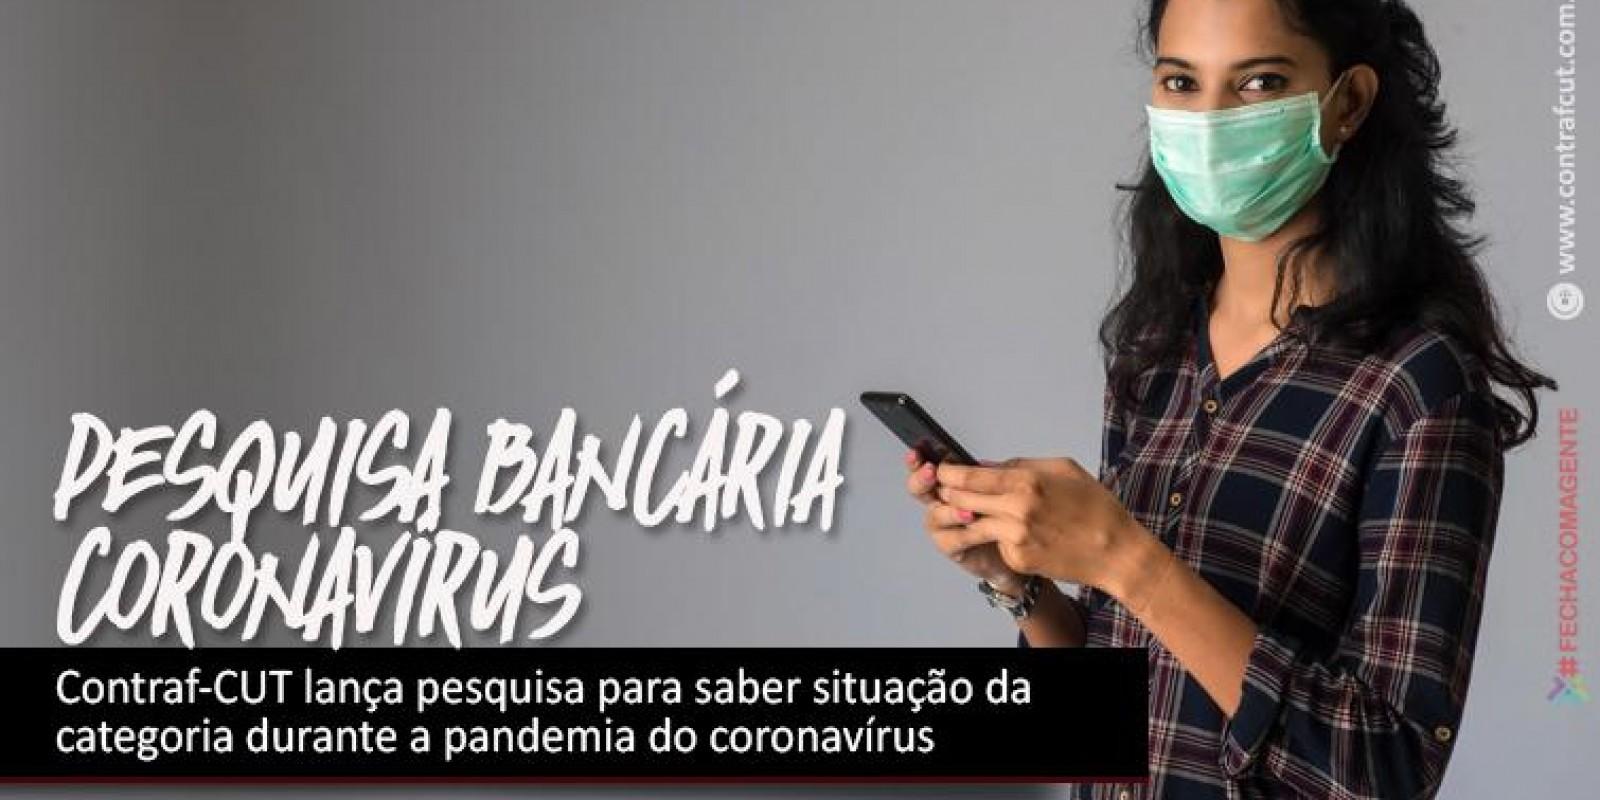 Contraf-CUT lança pesquisa para saber situação da categoria durante a pandemia do coronavírus